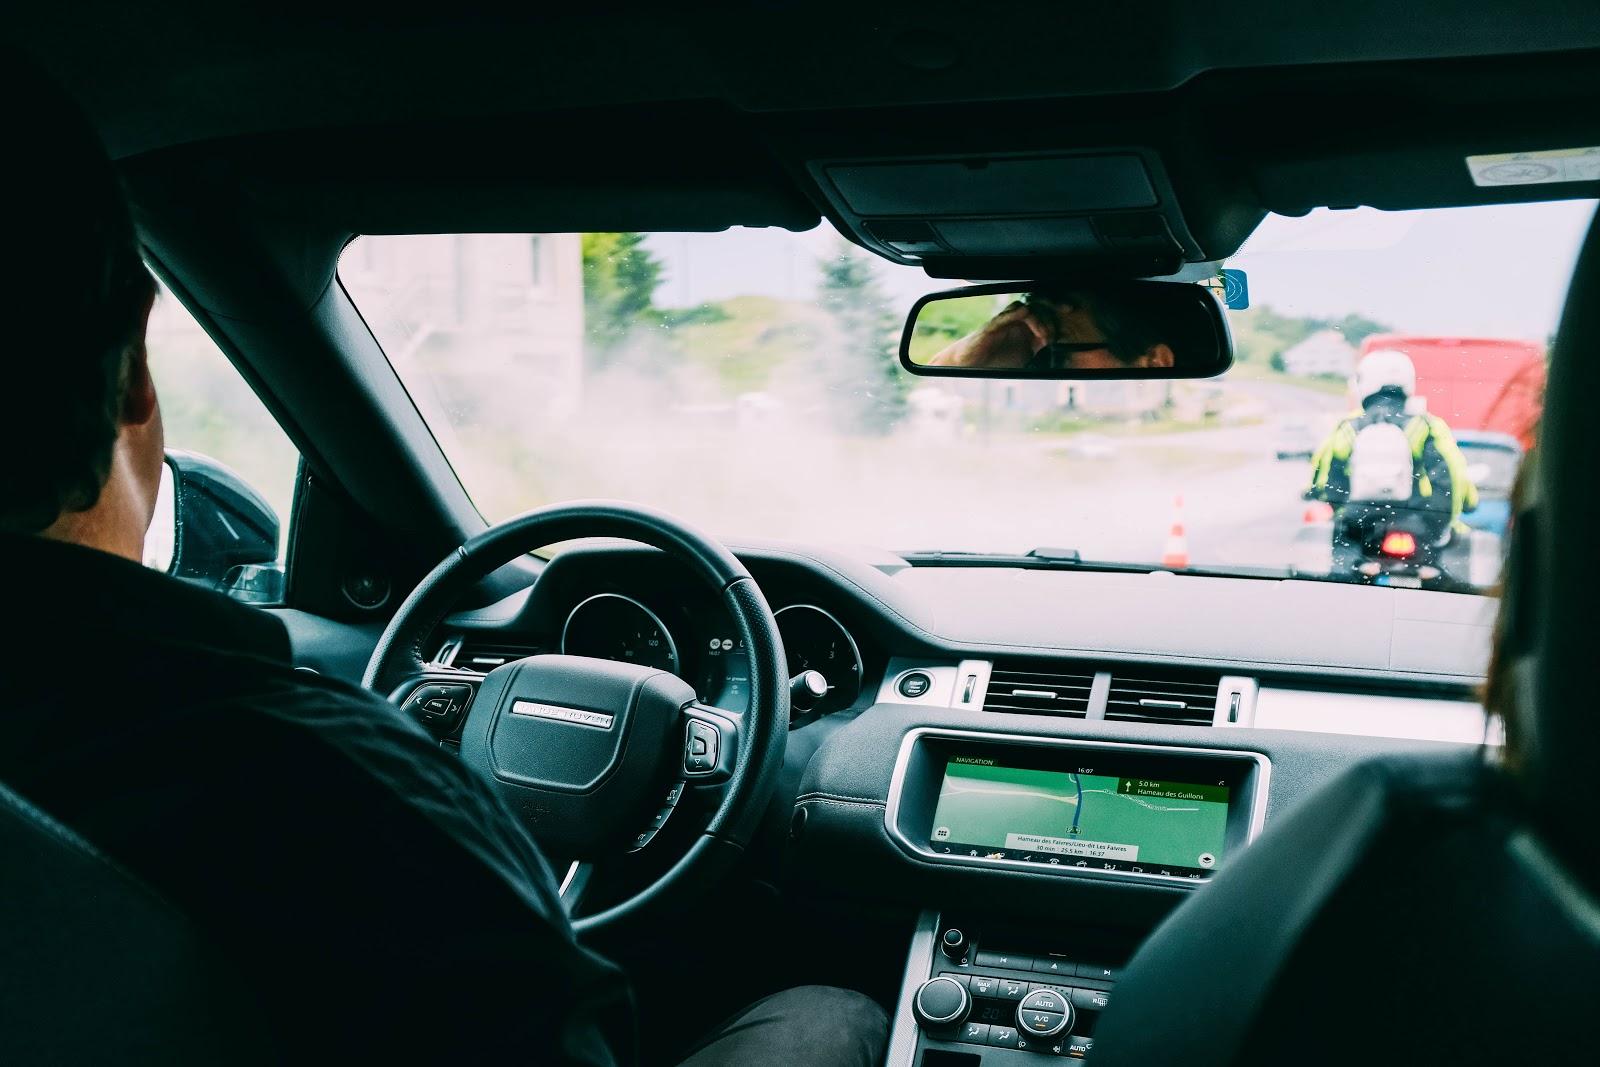 Motorista com passageiro ao lado dirigindo carro em carro.